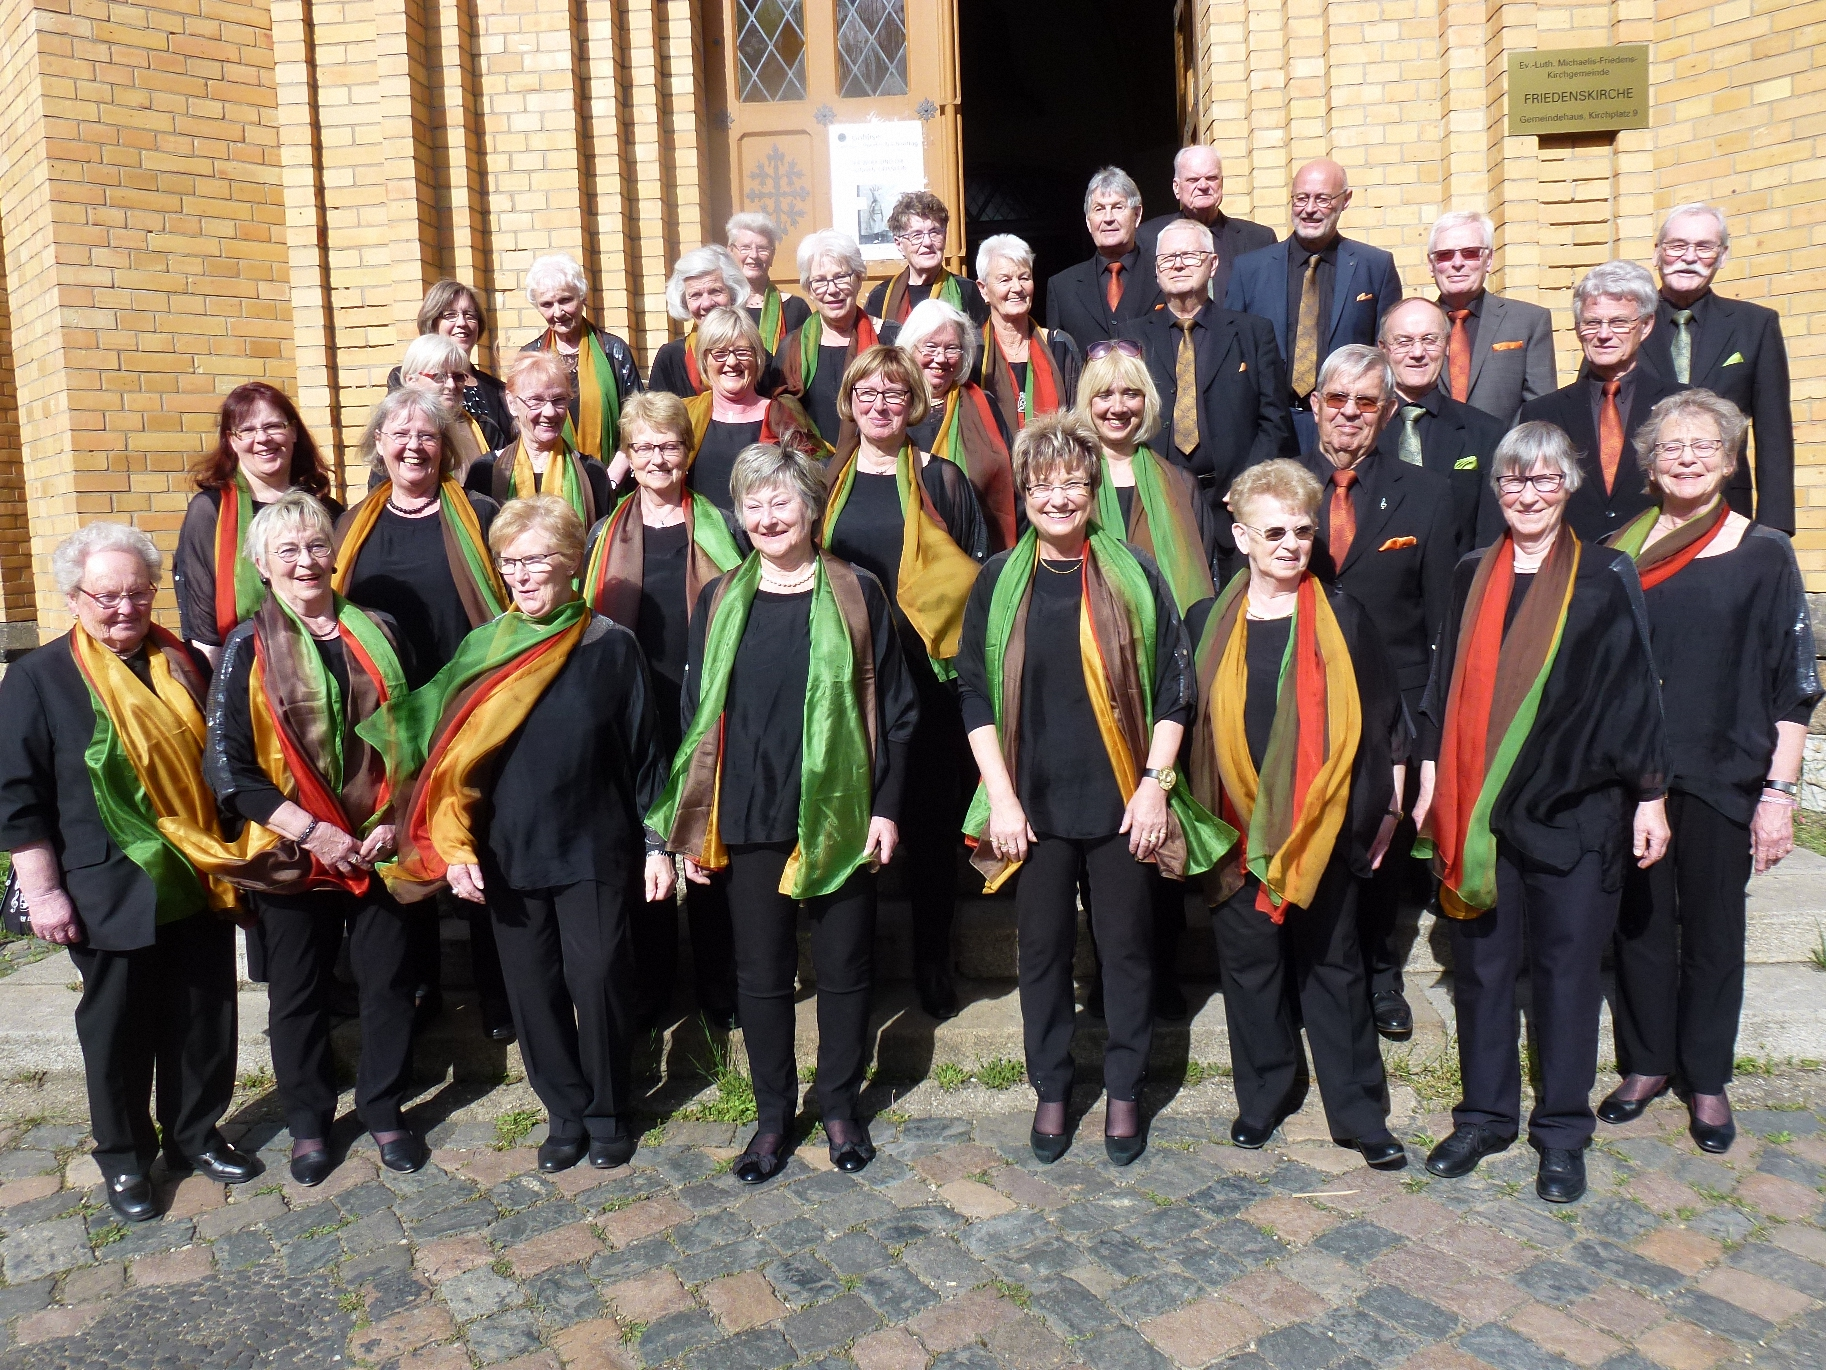 Nach unserem Konzert in der Friedenskirche